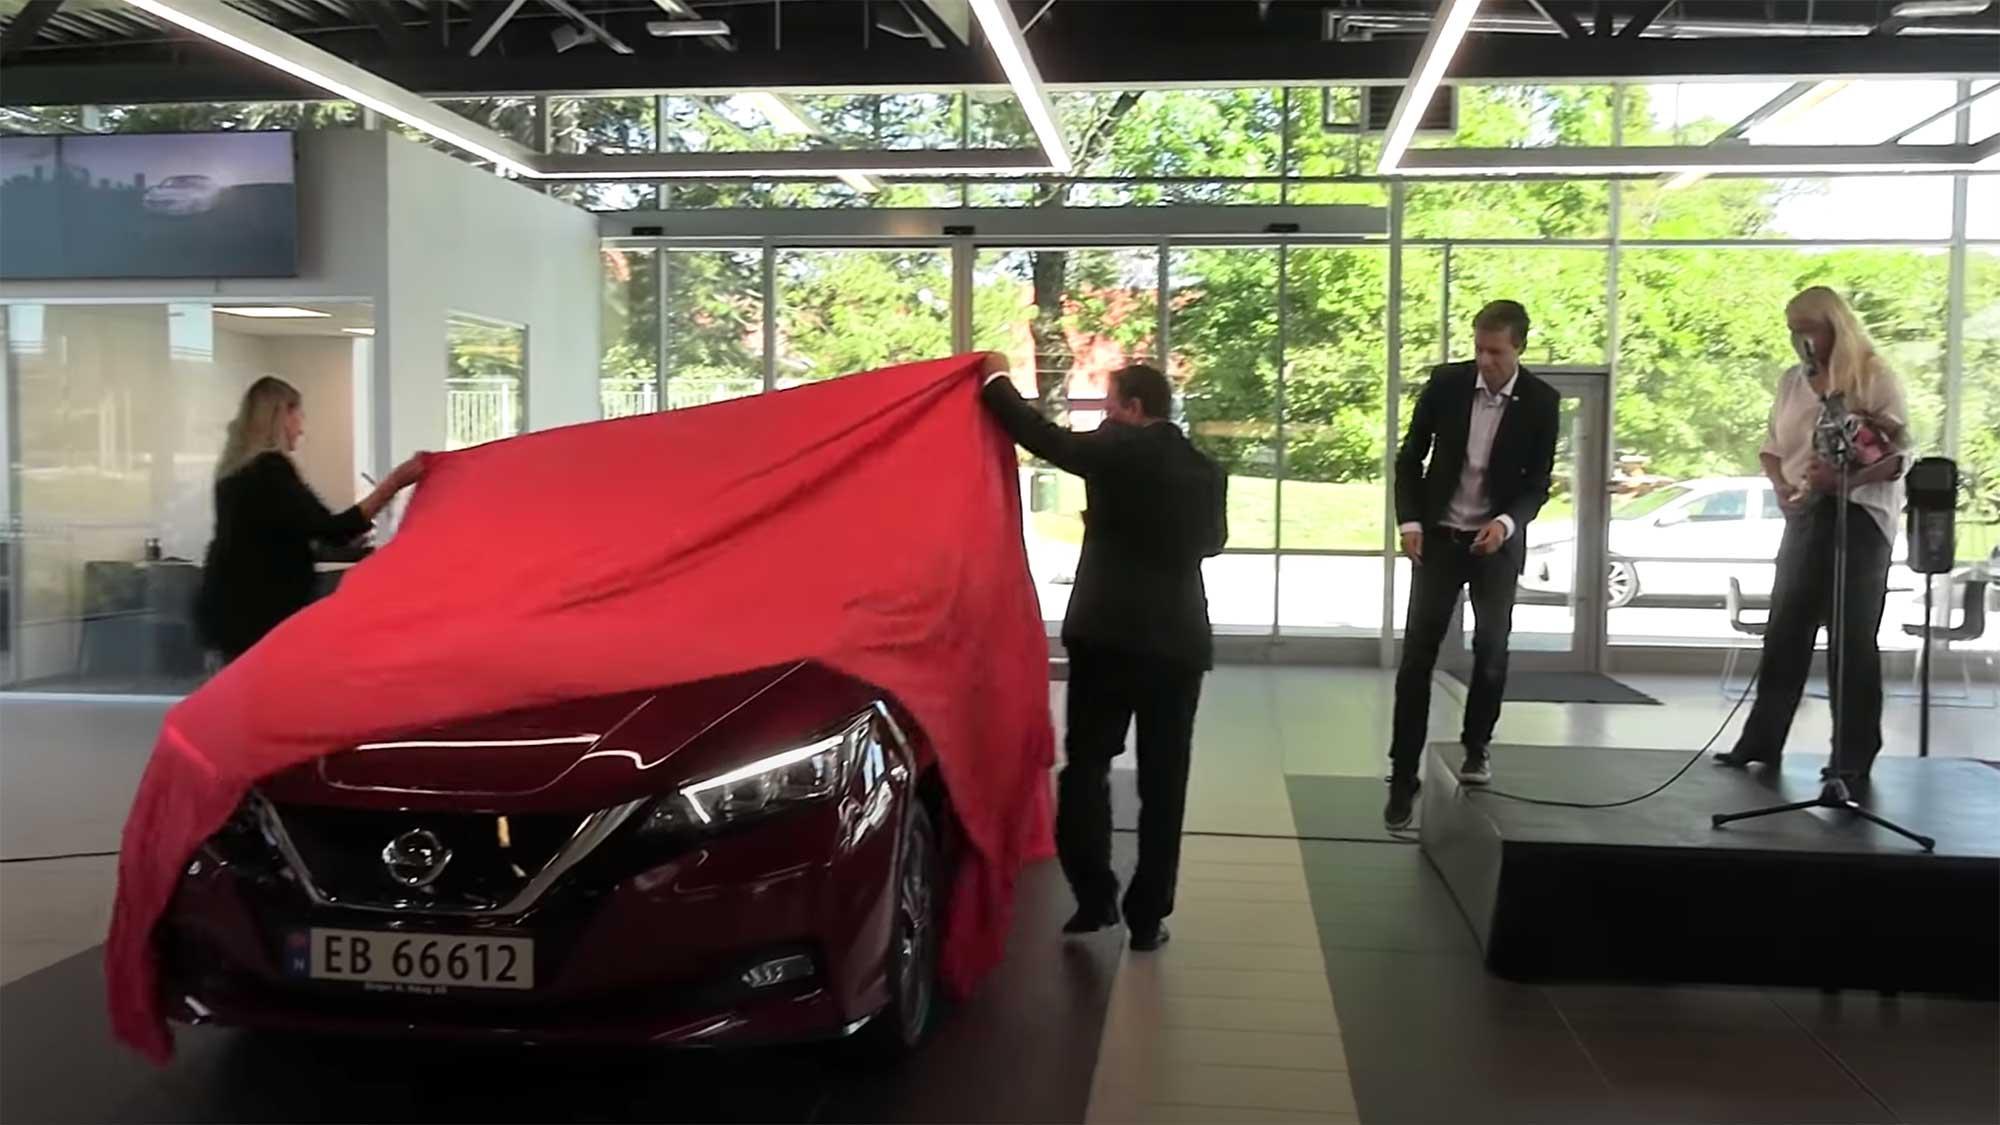 おめでとう! 50万台目の日産リーフ納車セレモニーをノルウェーからレポート | EVsmartブログ